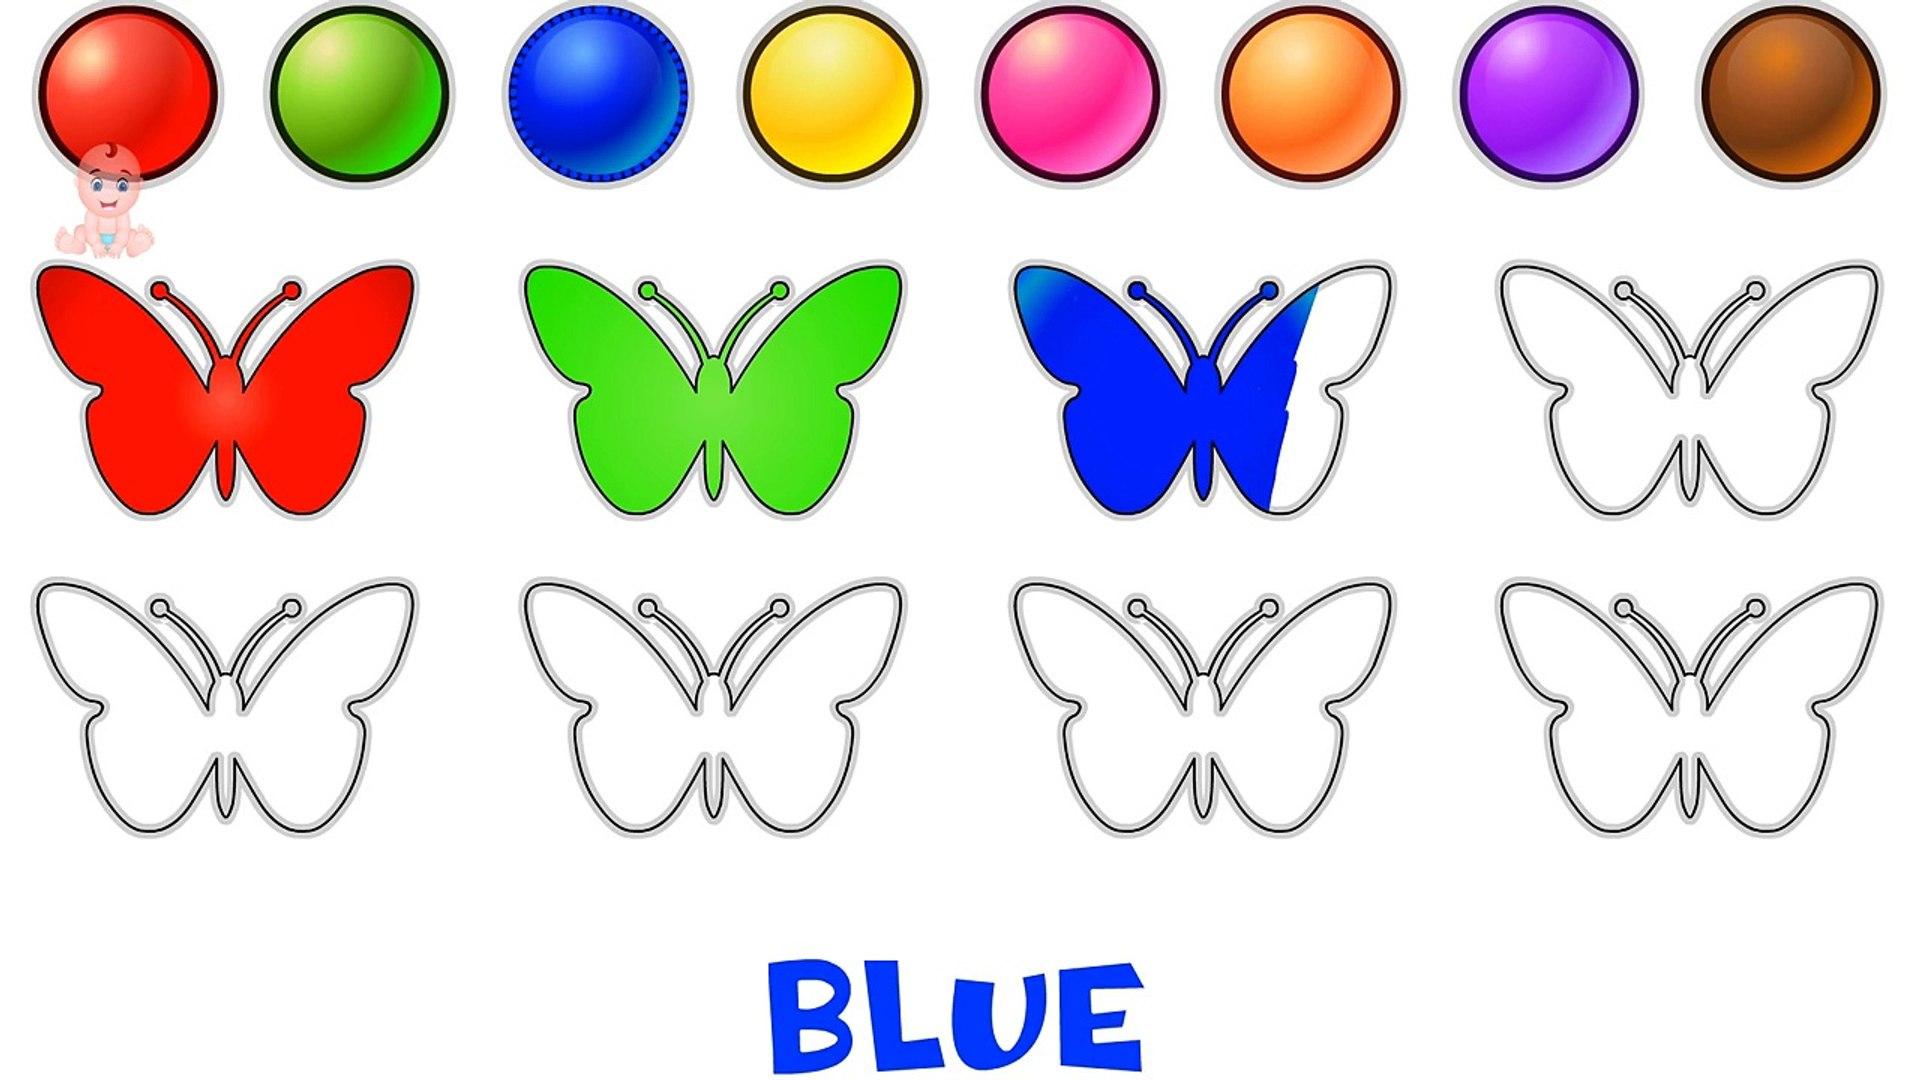 Дети Коллекция раскраска цвета для к к к к к к Узнайте Губа губная помада страницы Кому Это с